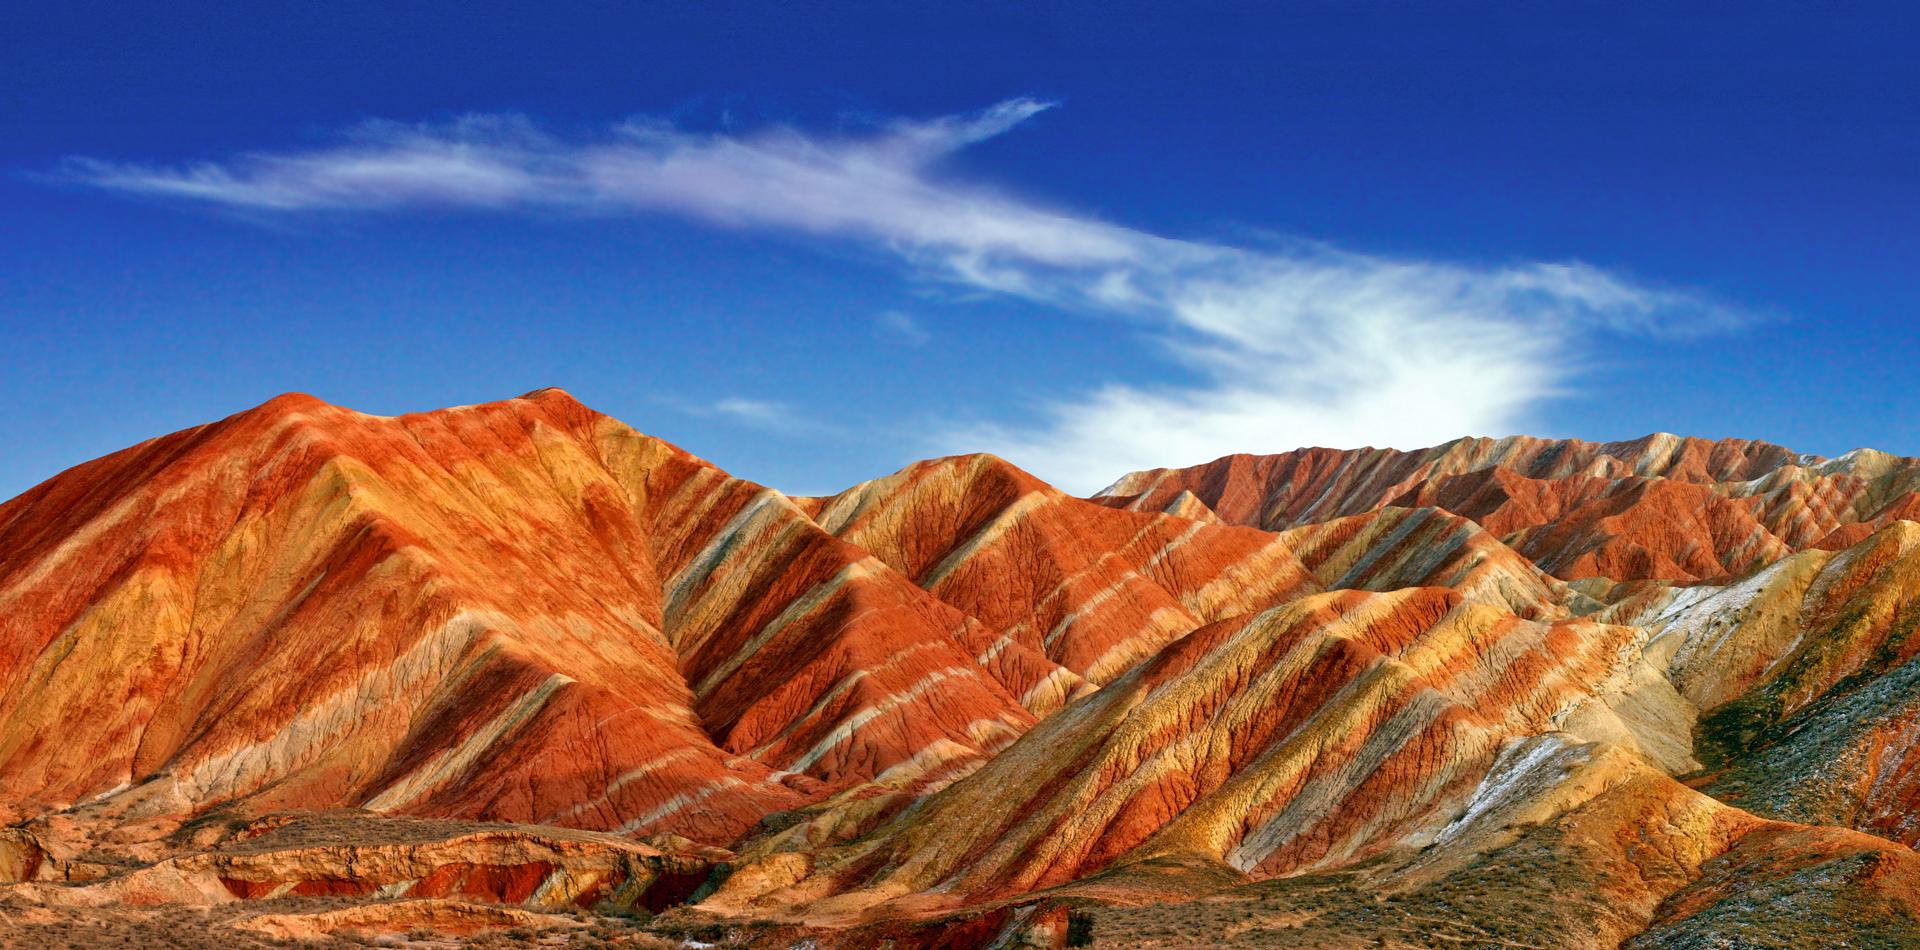 中國七個最美丹霞地貌,六個在南方濕潤地區,只有張掖在干旱西北